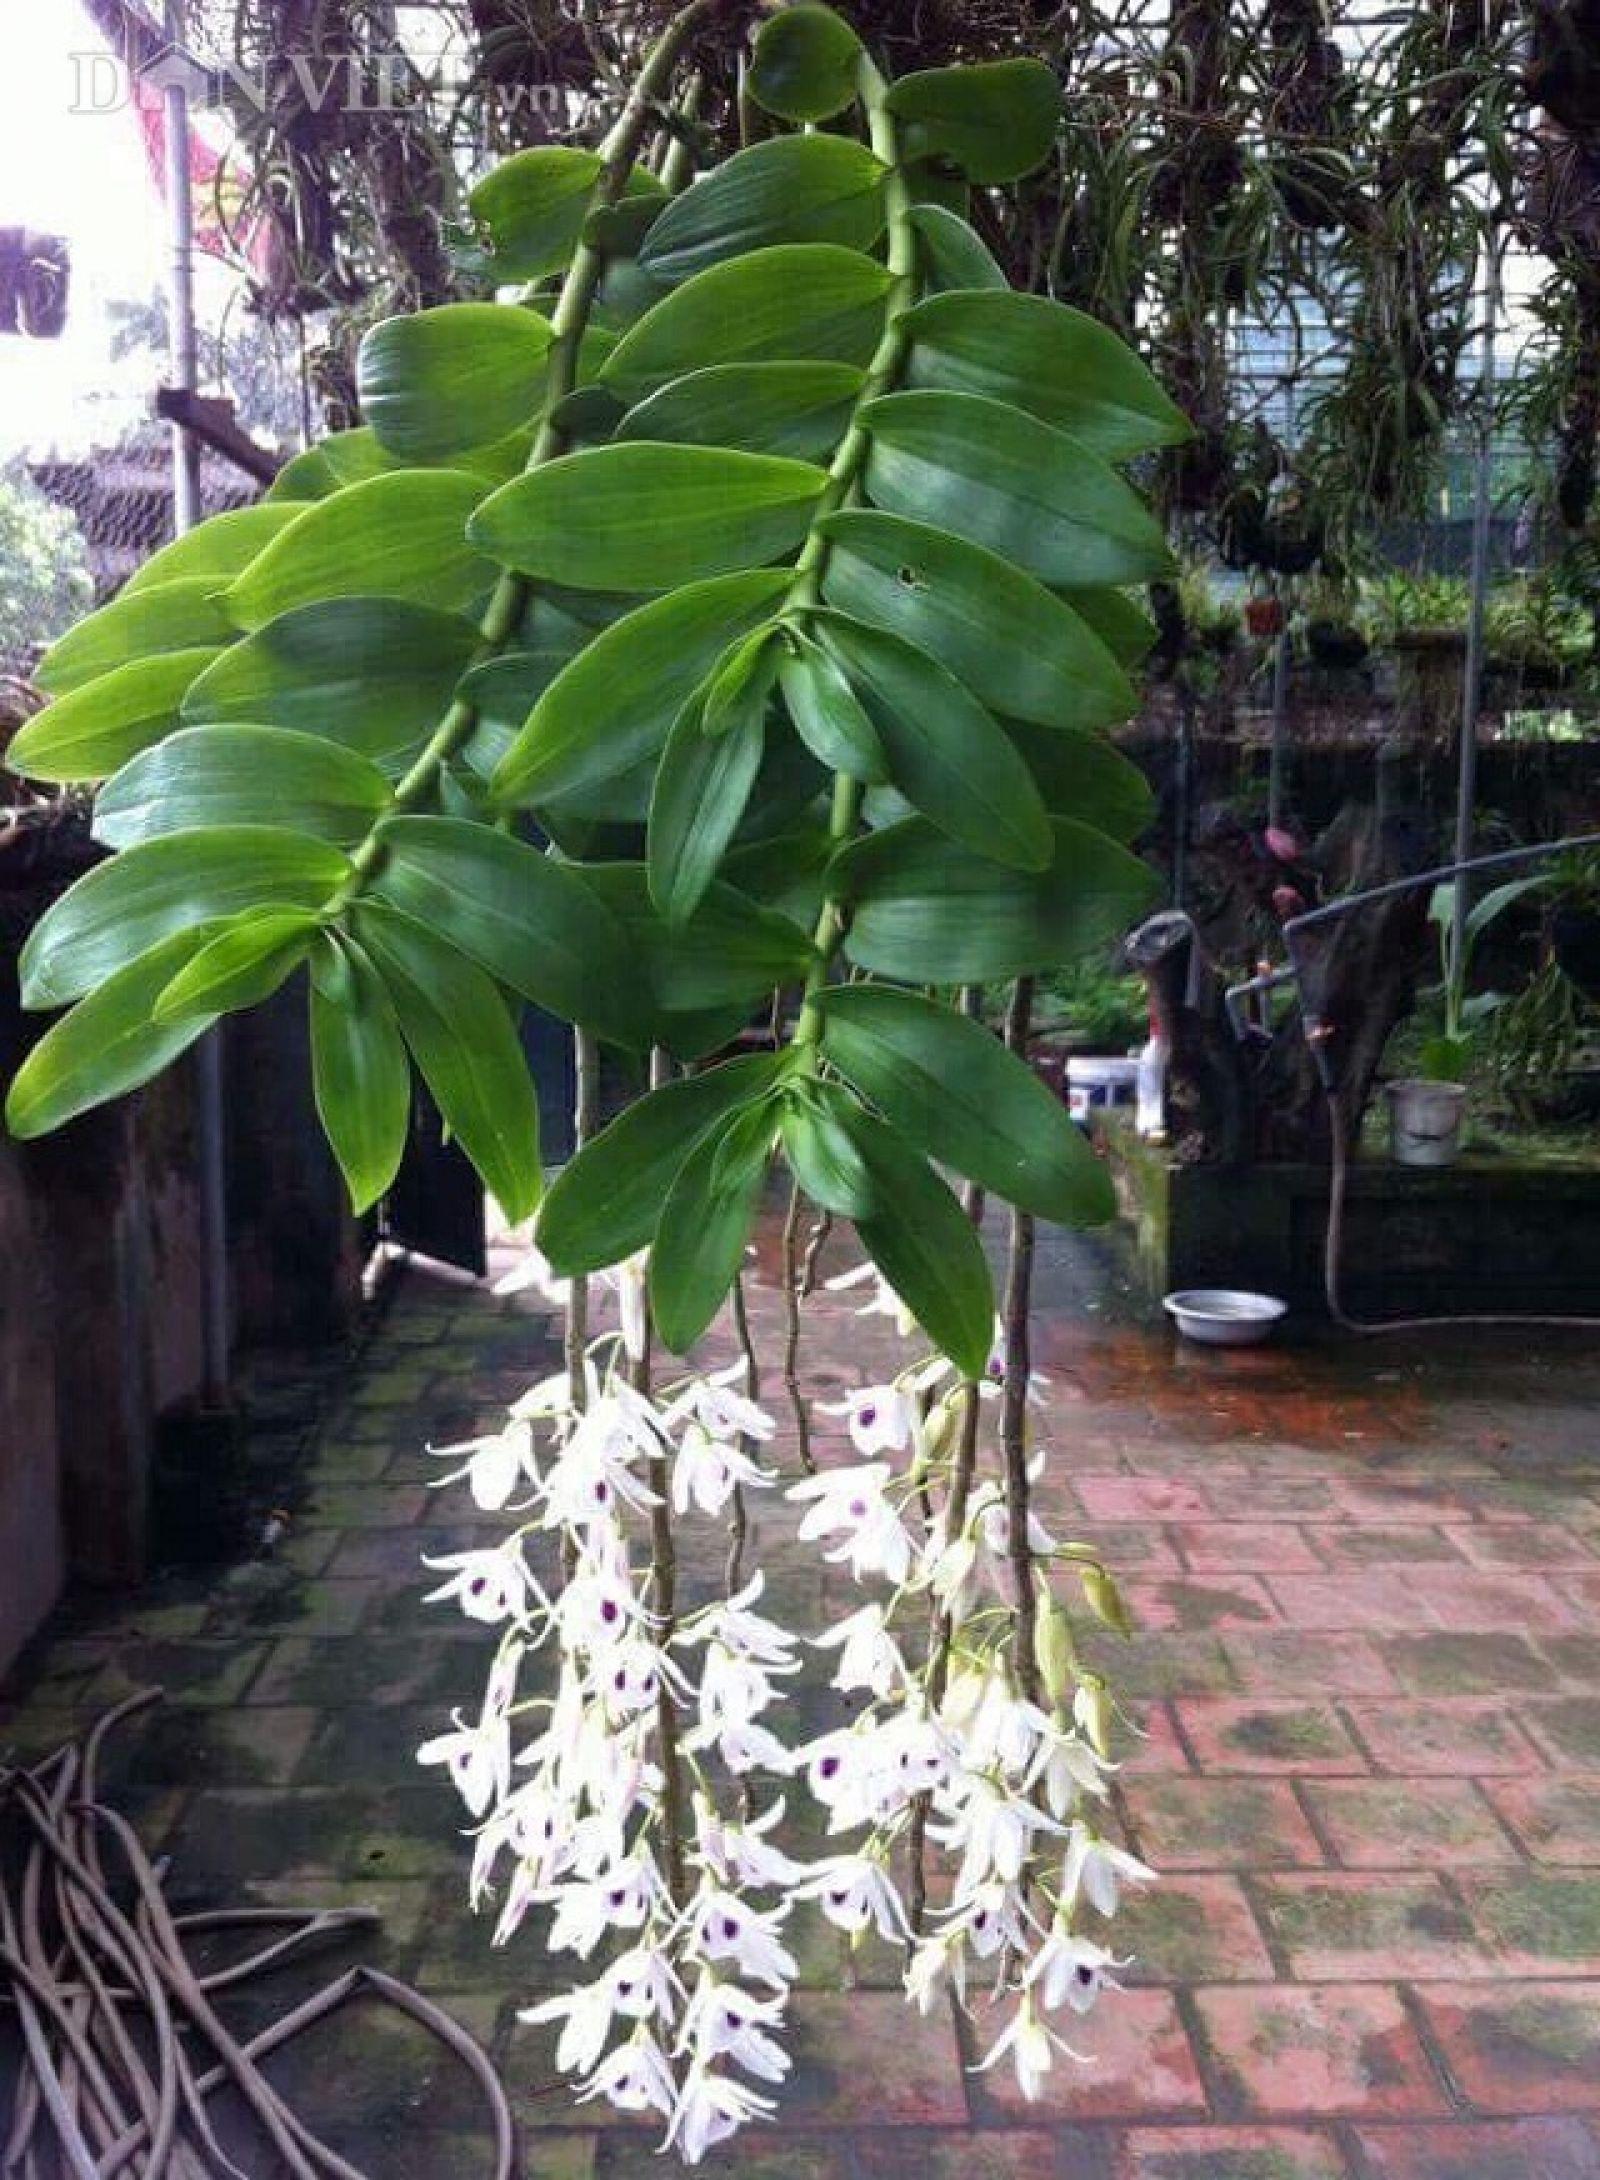 Chùm hoa lan rừng trắng rủ đẹp